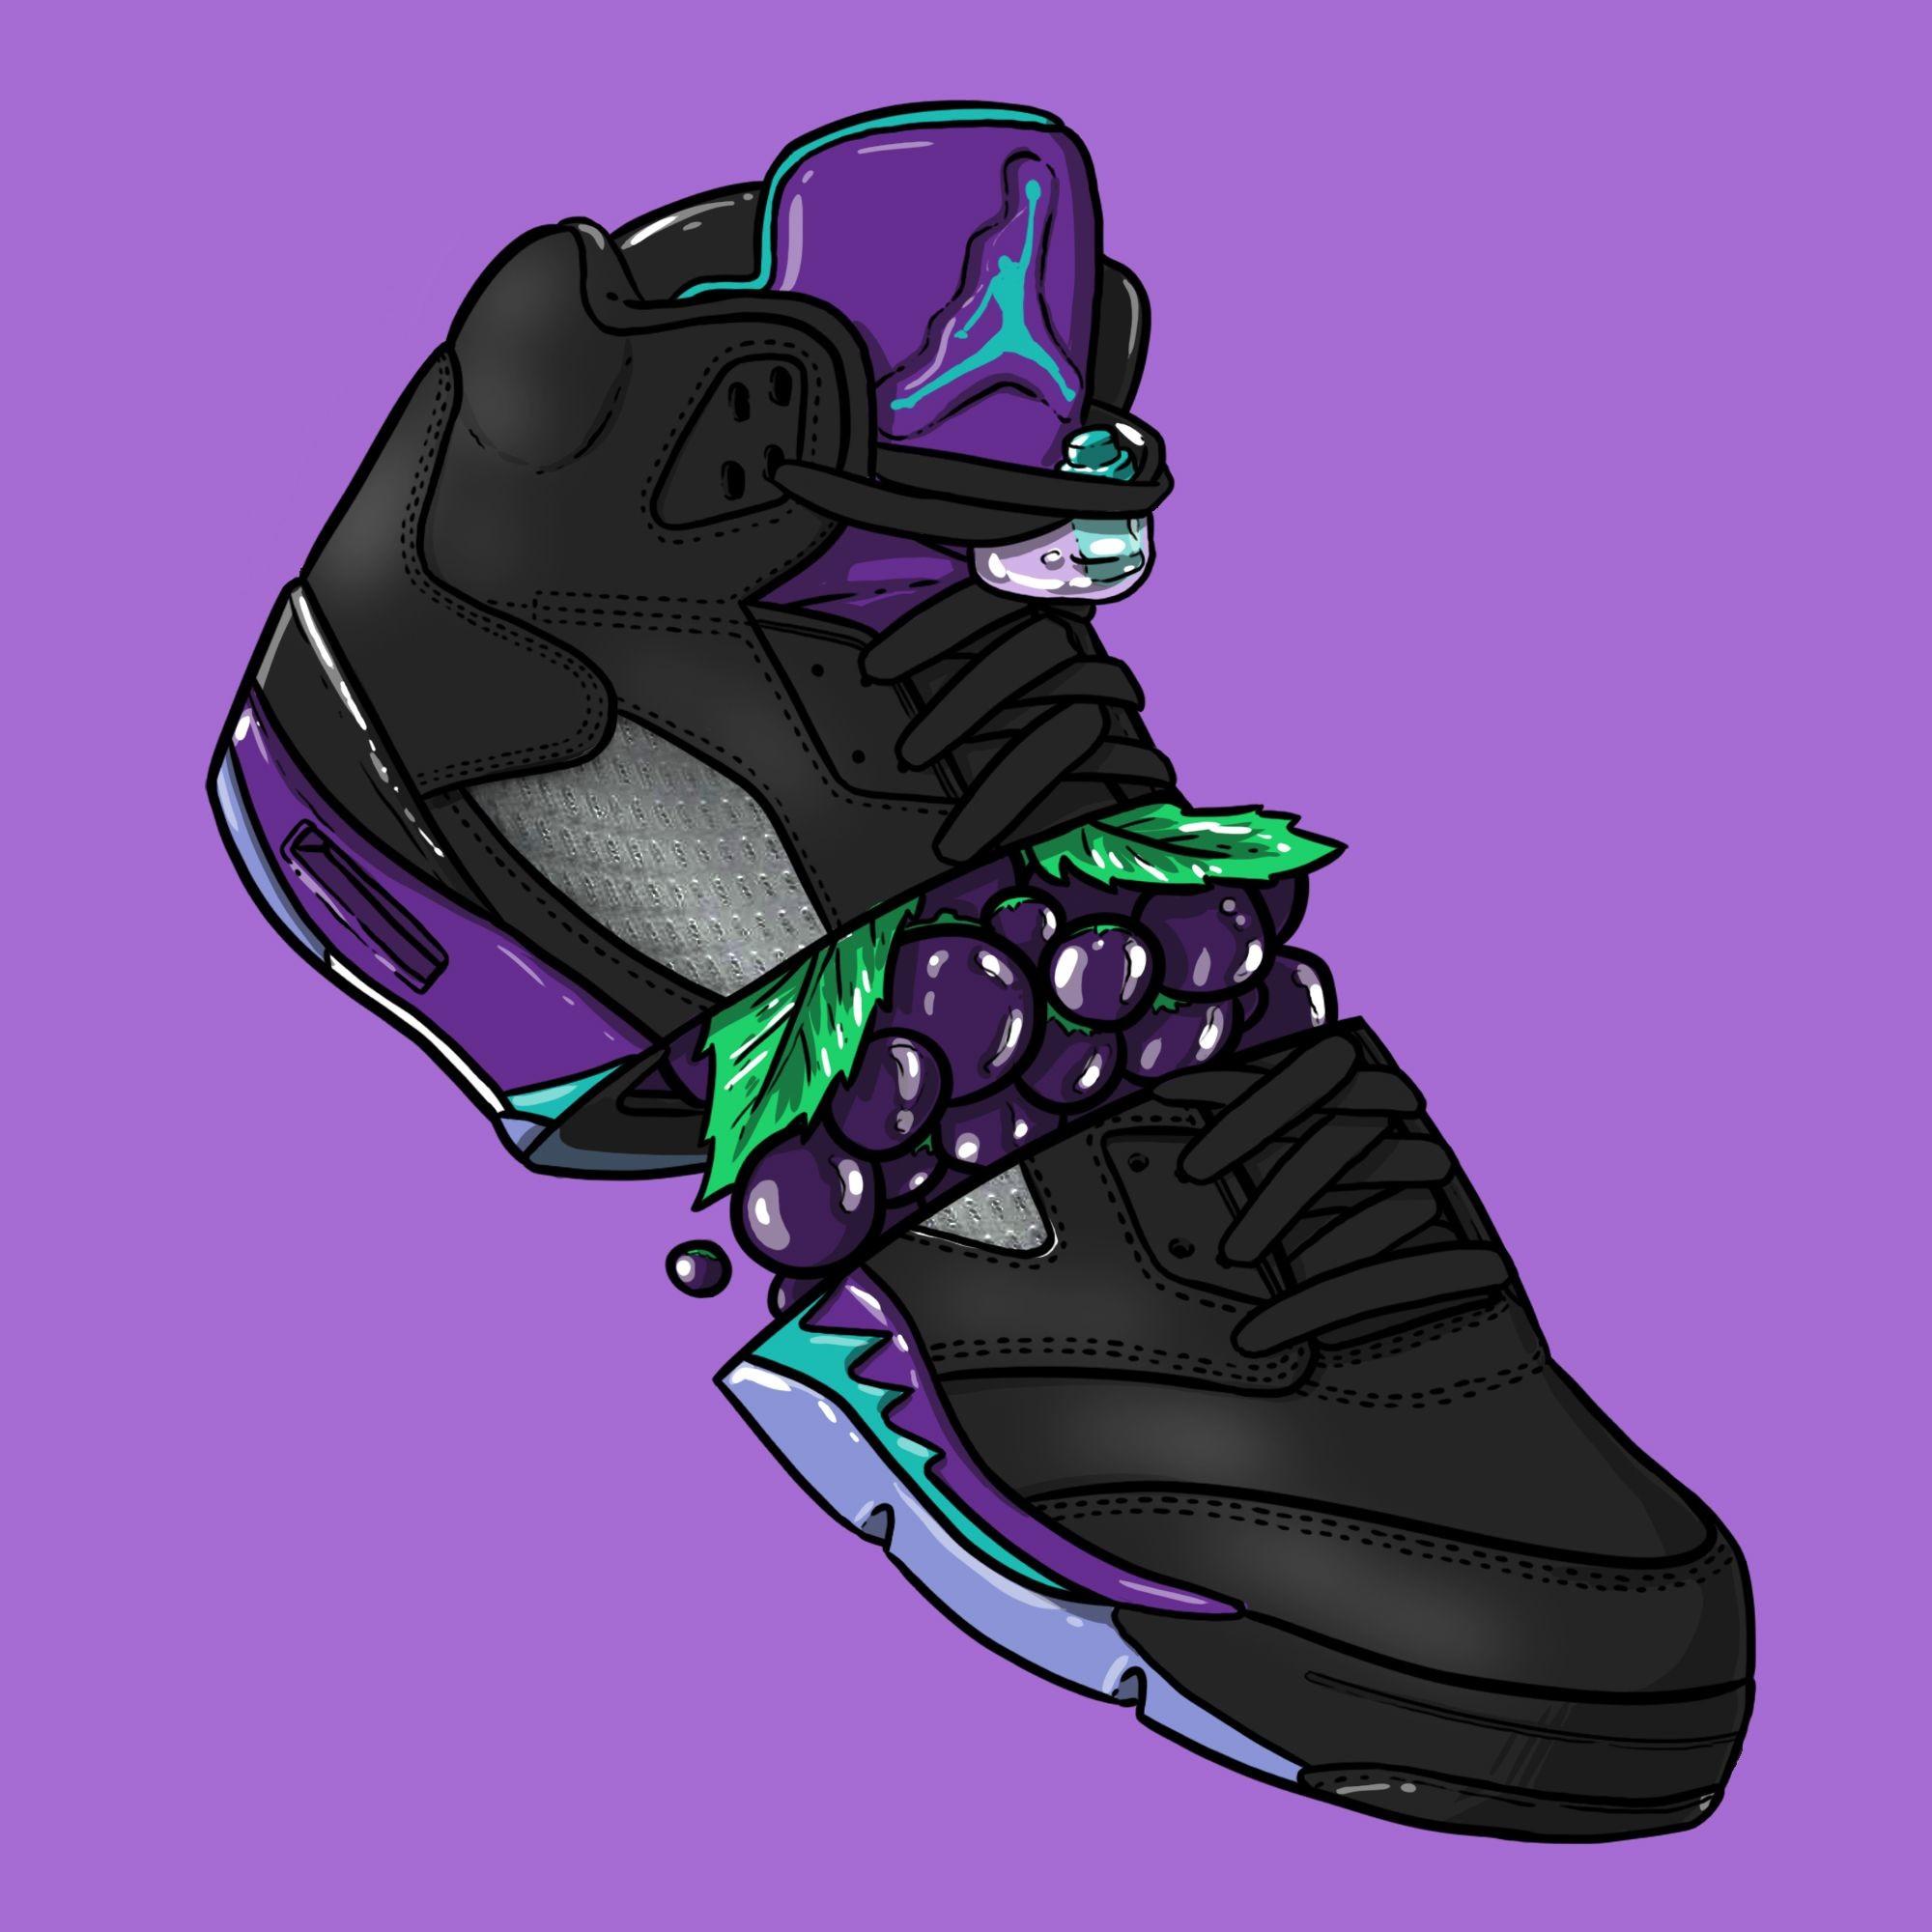 """Res: 2000x2000, Sneaker Art - Jordan V """"Black Grape"""""""